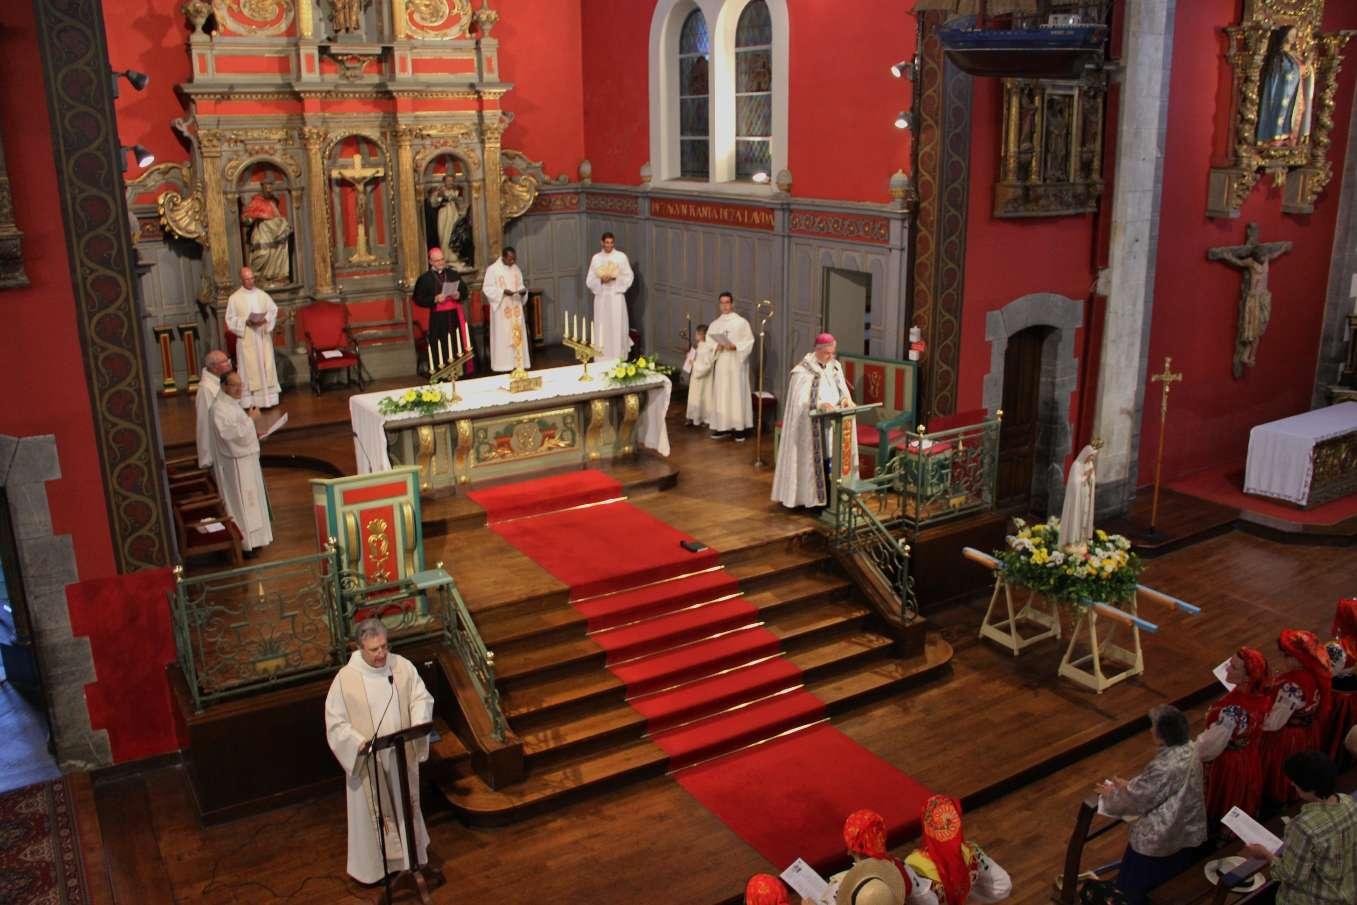 Les Vêpres, chantés en basque, résonnent joyeusement avec une assemblée heureuse de sa mission accomplie !